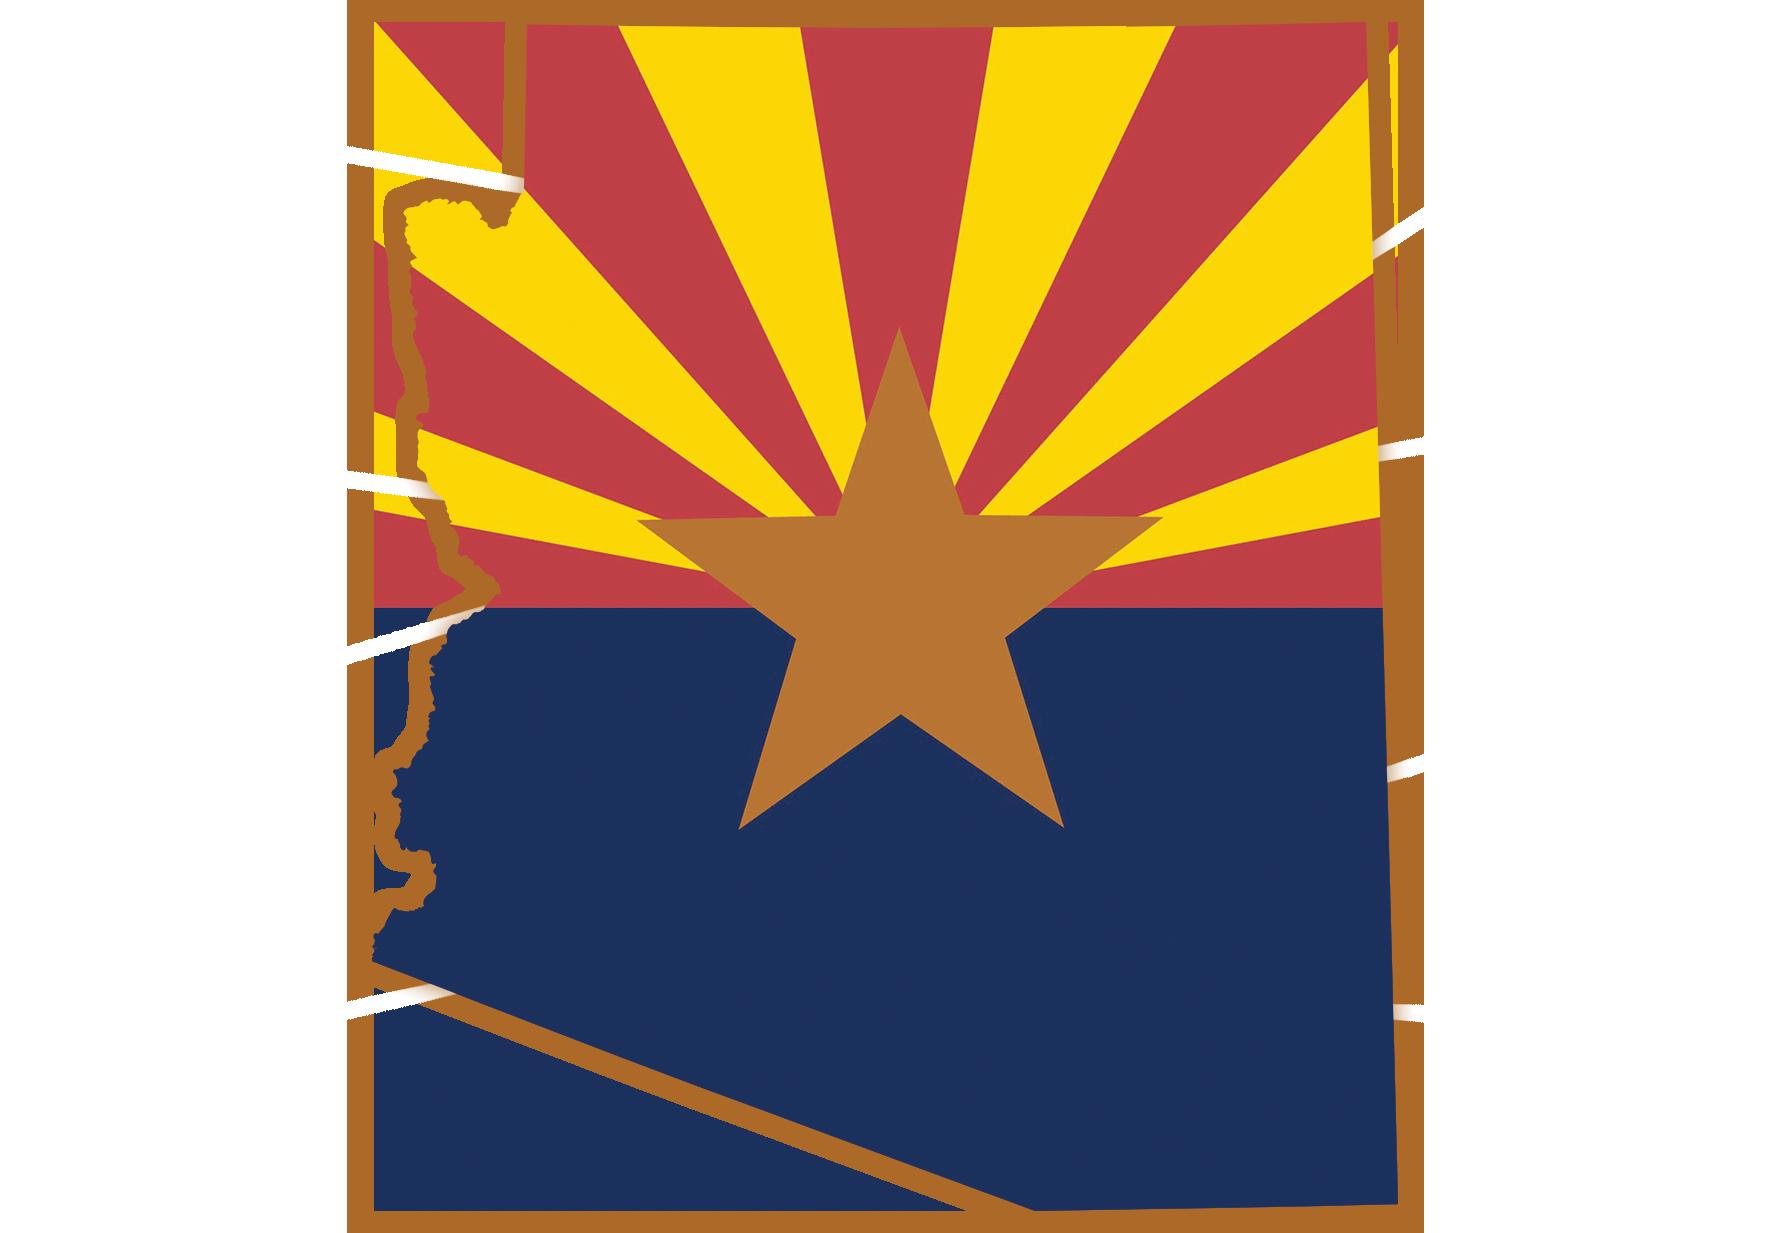 Arizona state graphic